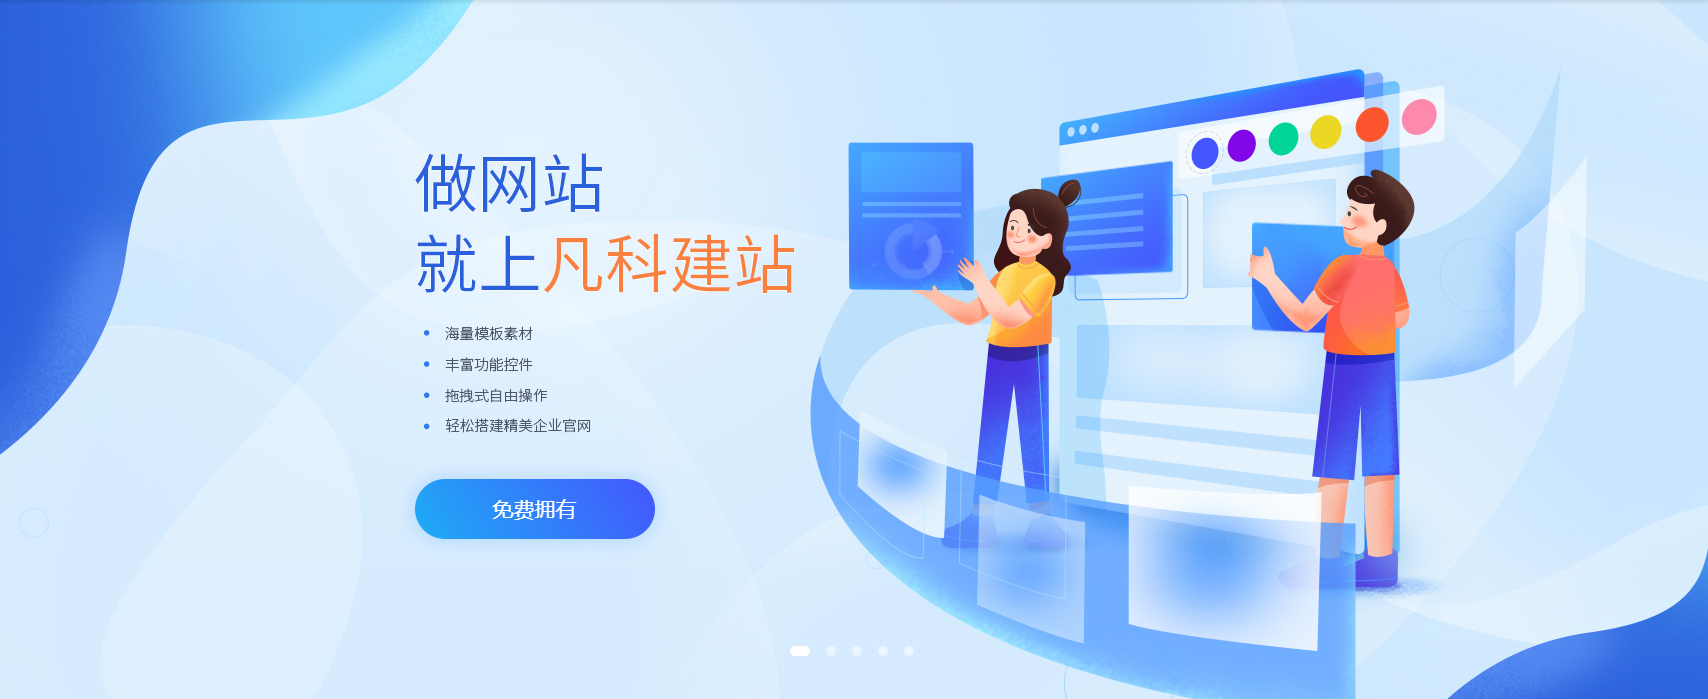 企业网站产品设计